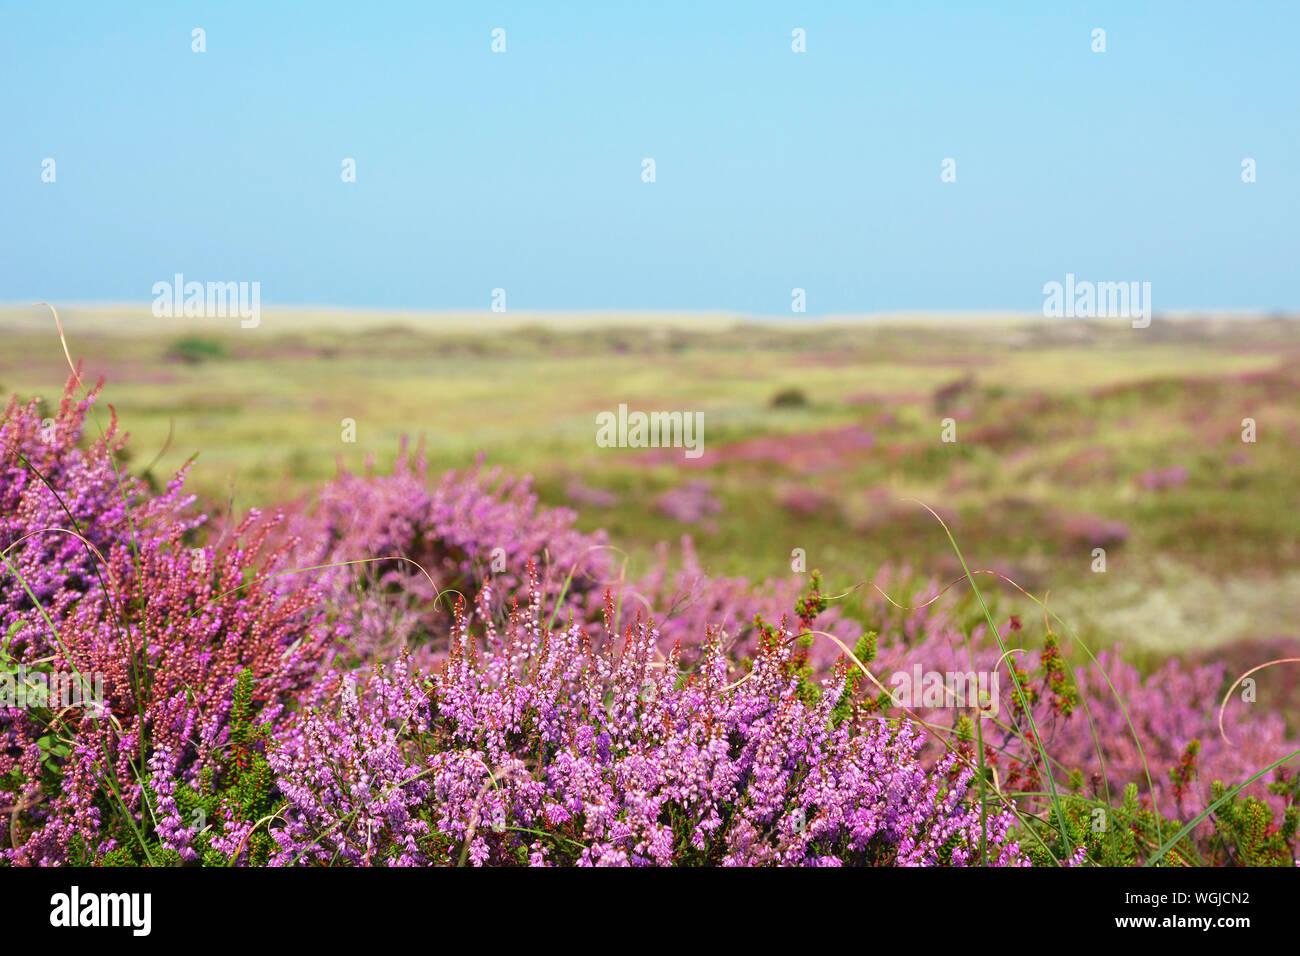 Blooming violet heather Calluna vulgaris 'plantes' en réserve naturelle appelée 'bollekamer' sur l'île de Texel aux Pays-Bas Banque D'Images